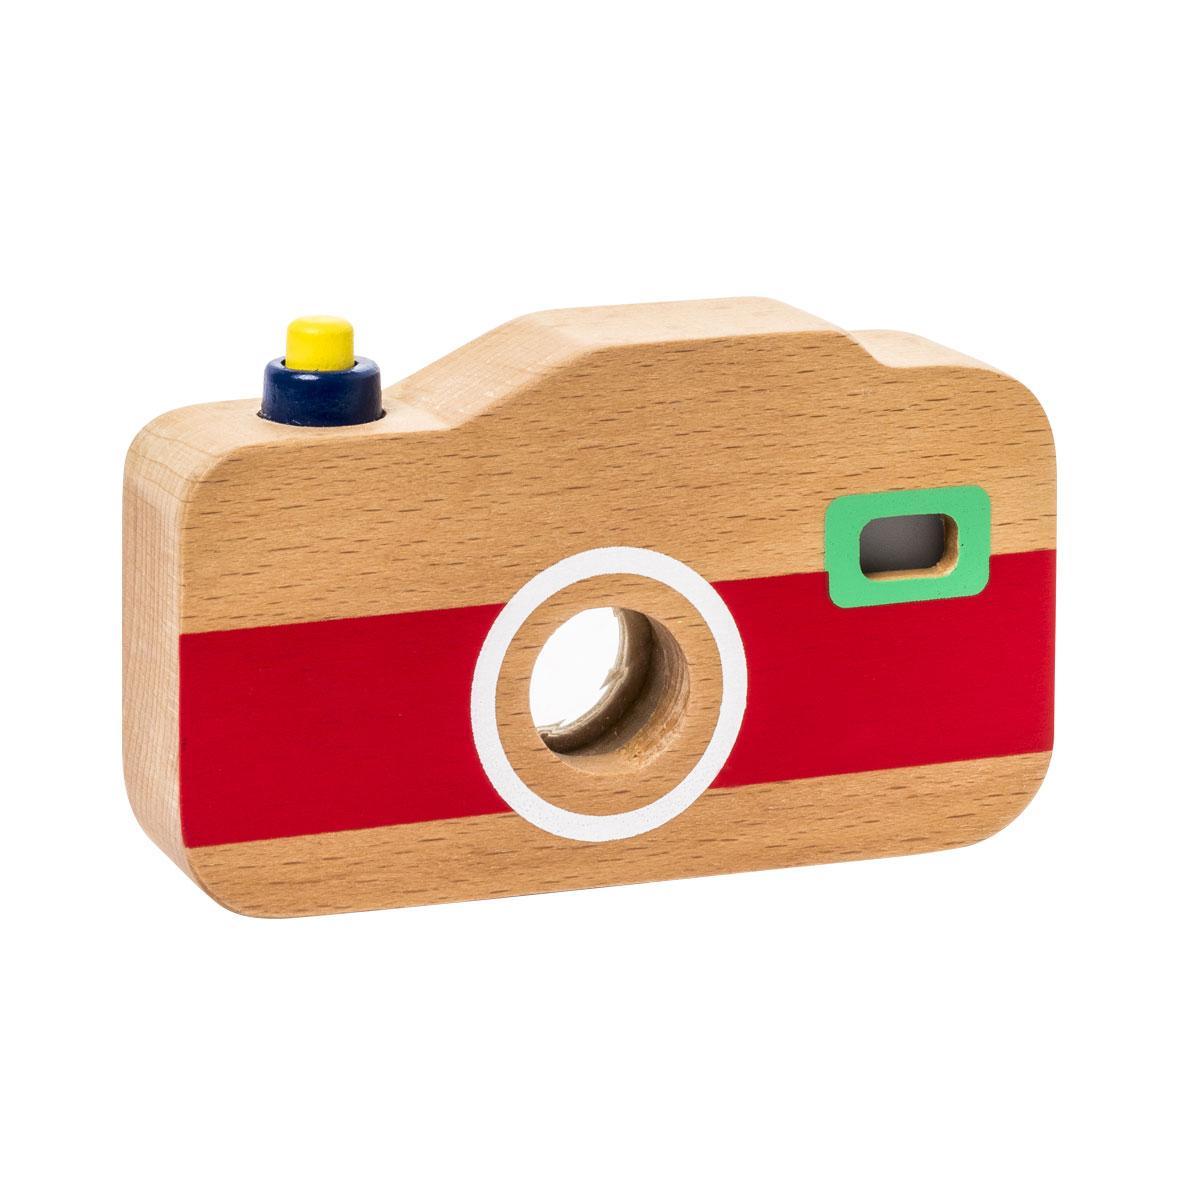 Appareil photo sonore et lumineux en bois